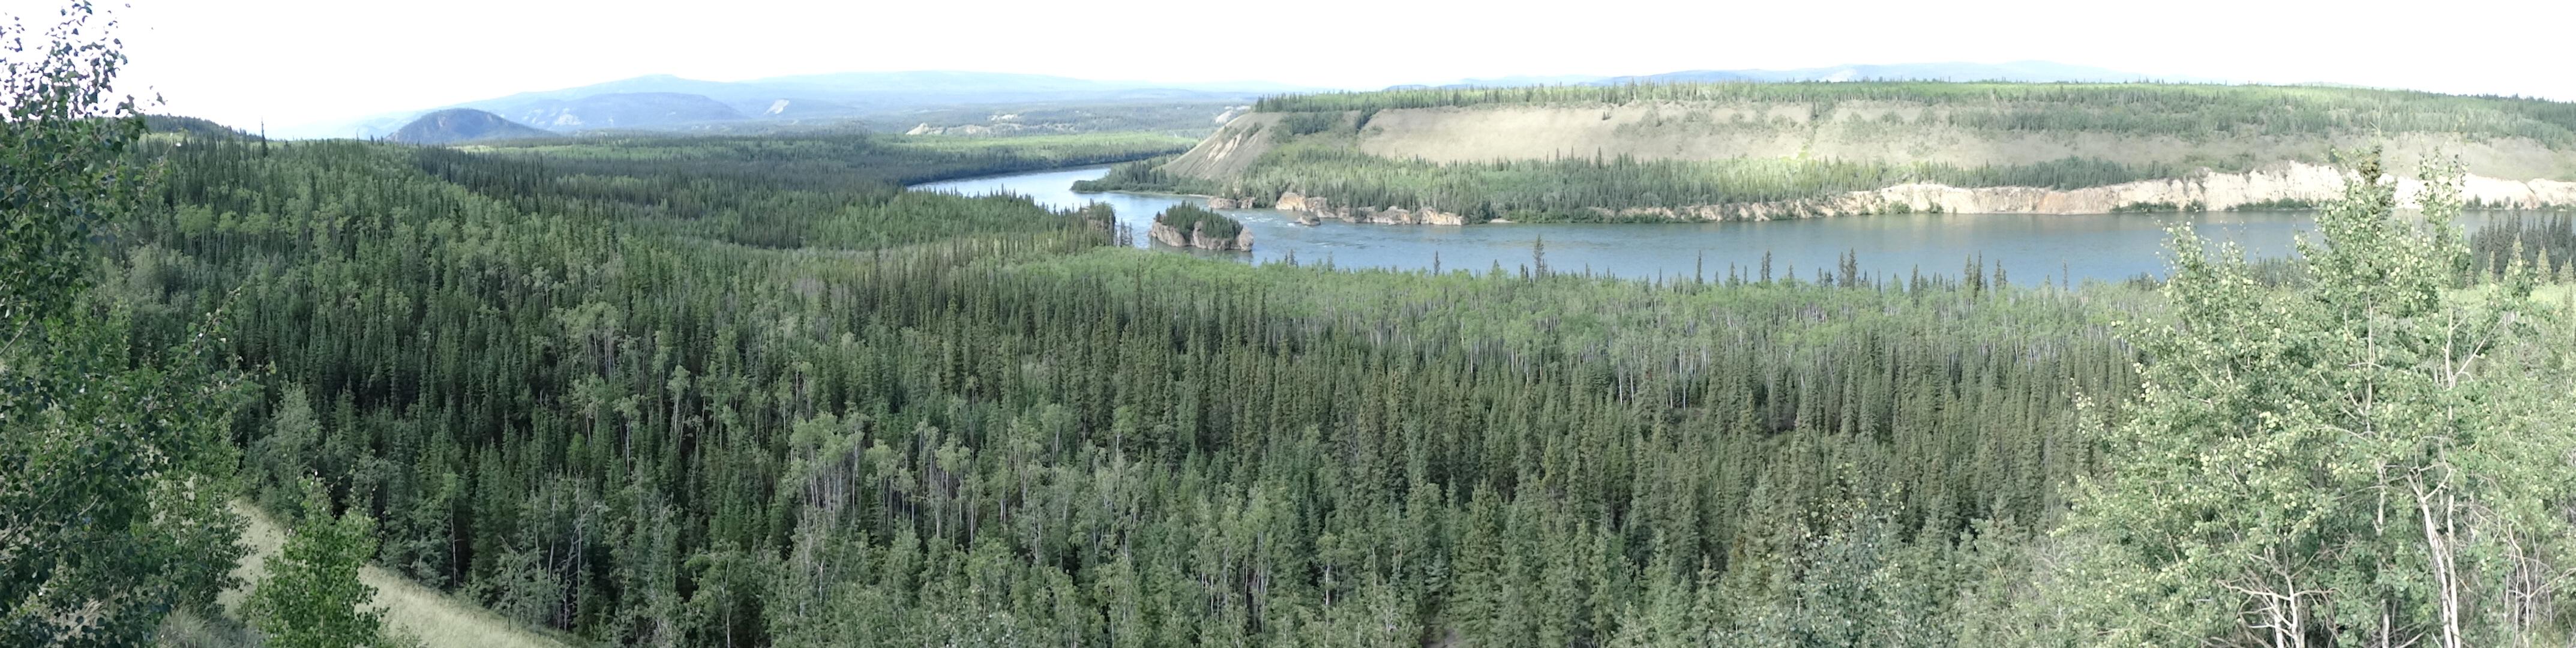 Yukon territory dating